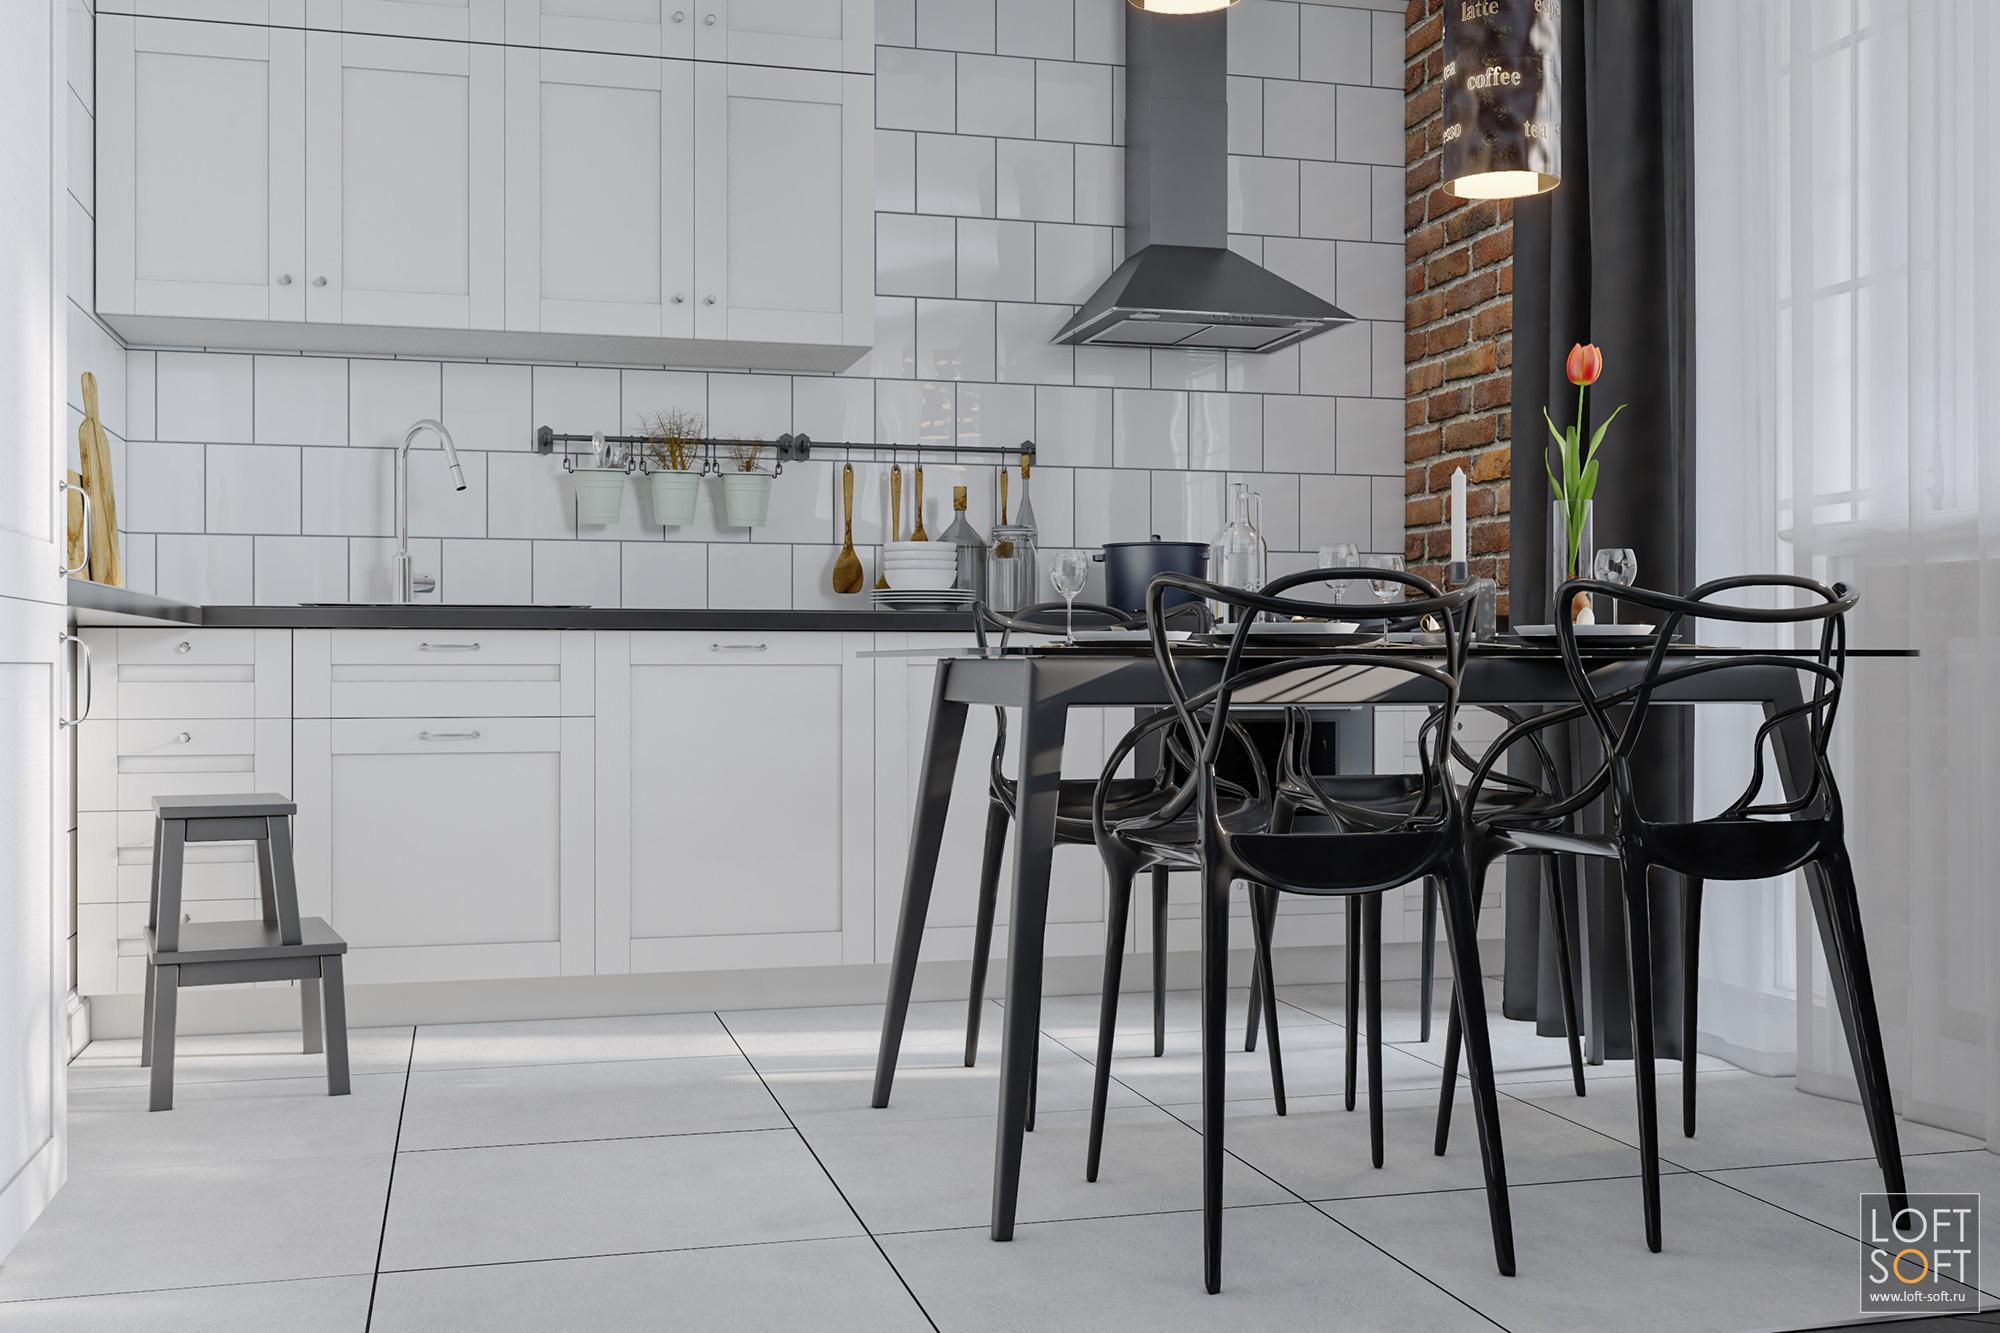 Белая кухня. Дизайн современной кухни. Квартира студия дизайн интерьера.